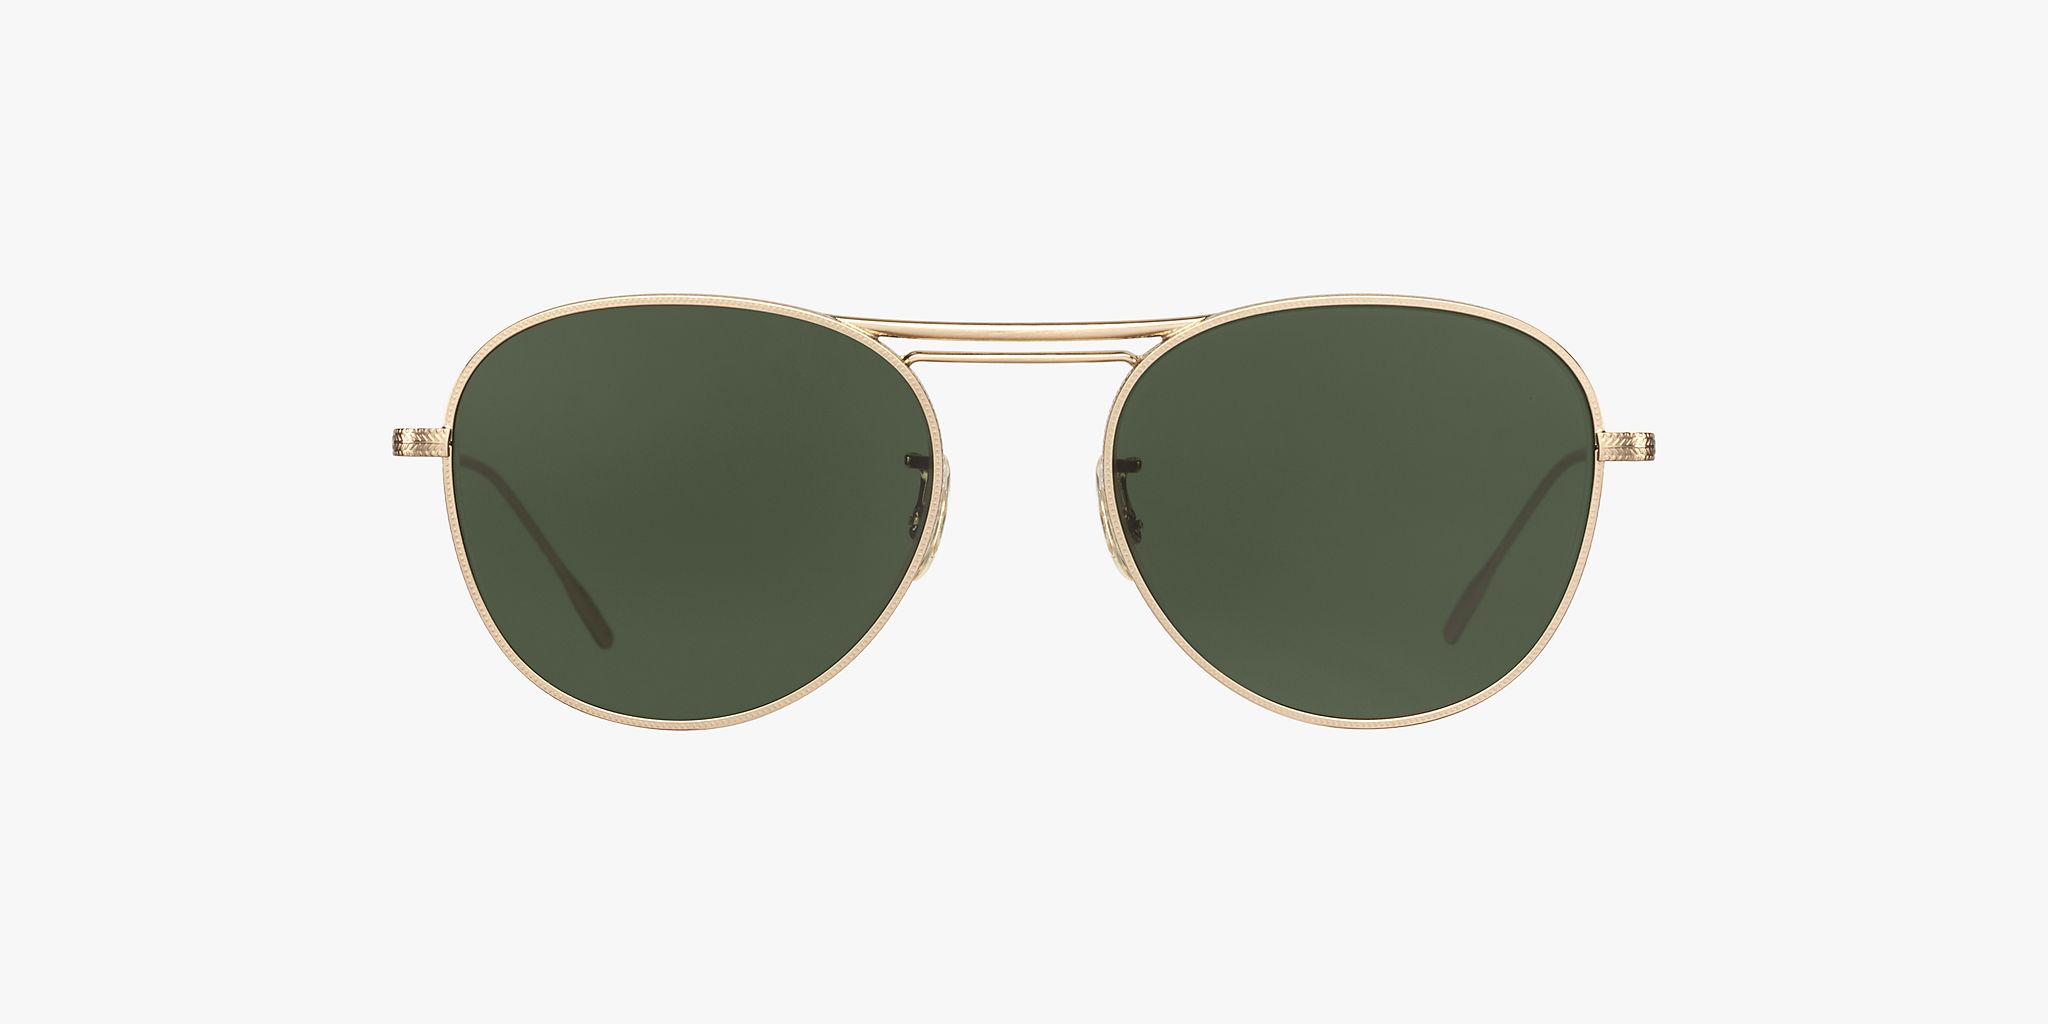 33be89a8d5 Sonnenbrillen OV1226S - Satiniertes Gold - Dark Green - Metall ...